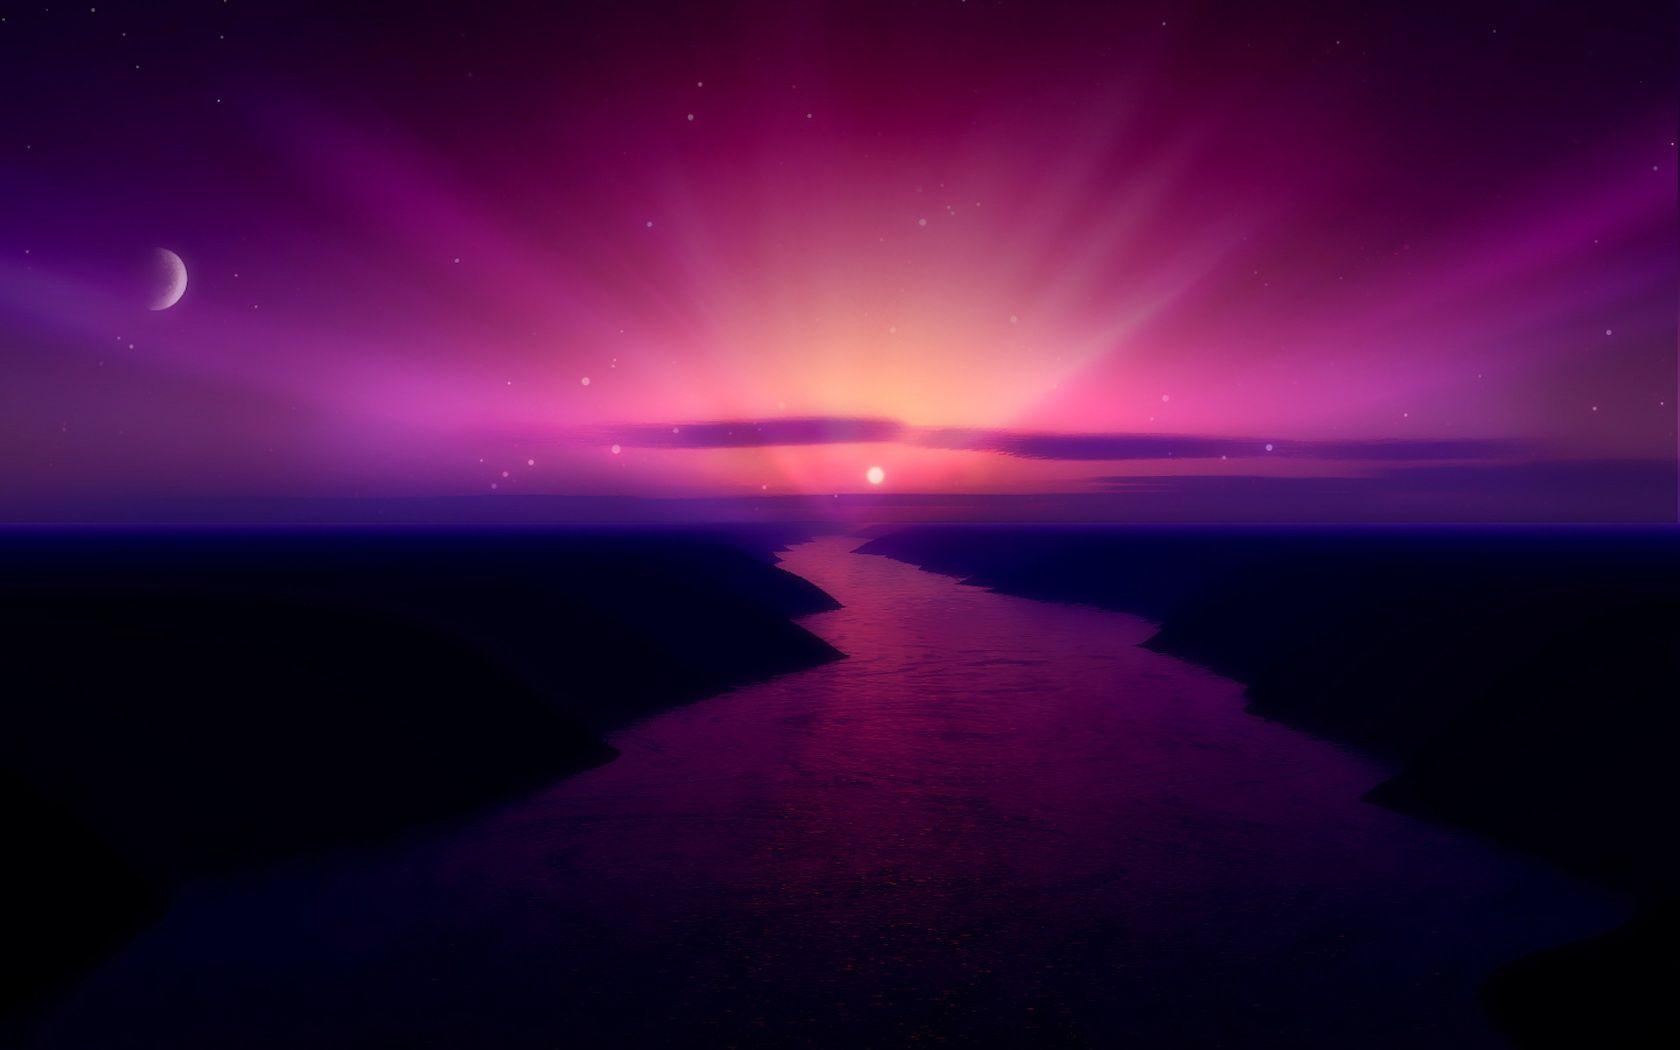 Purple Morning Purple Sunrise Wallpapers Hd Wallpapers Sunrise Wallpaper Sunset Wallpaper Scenery Wallpaper